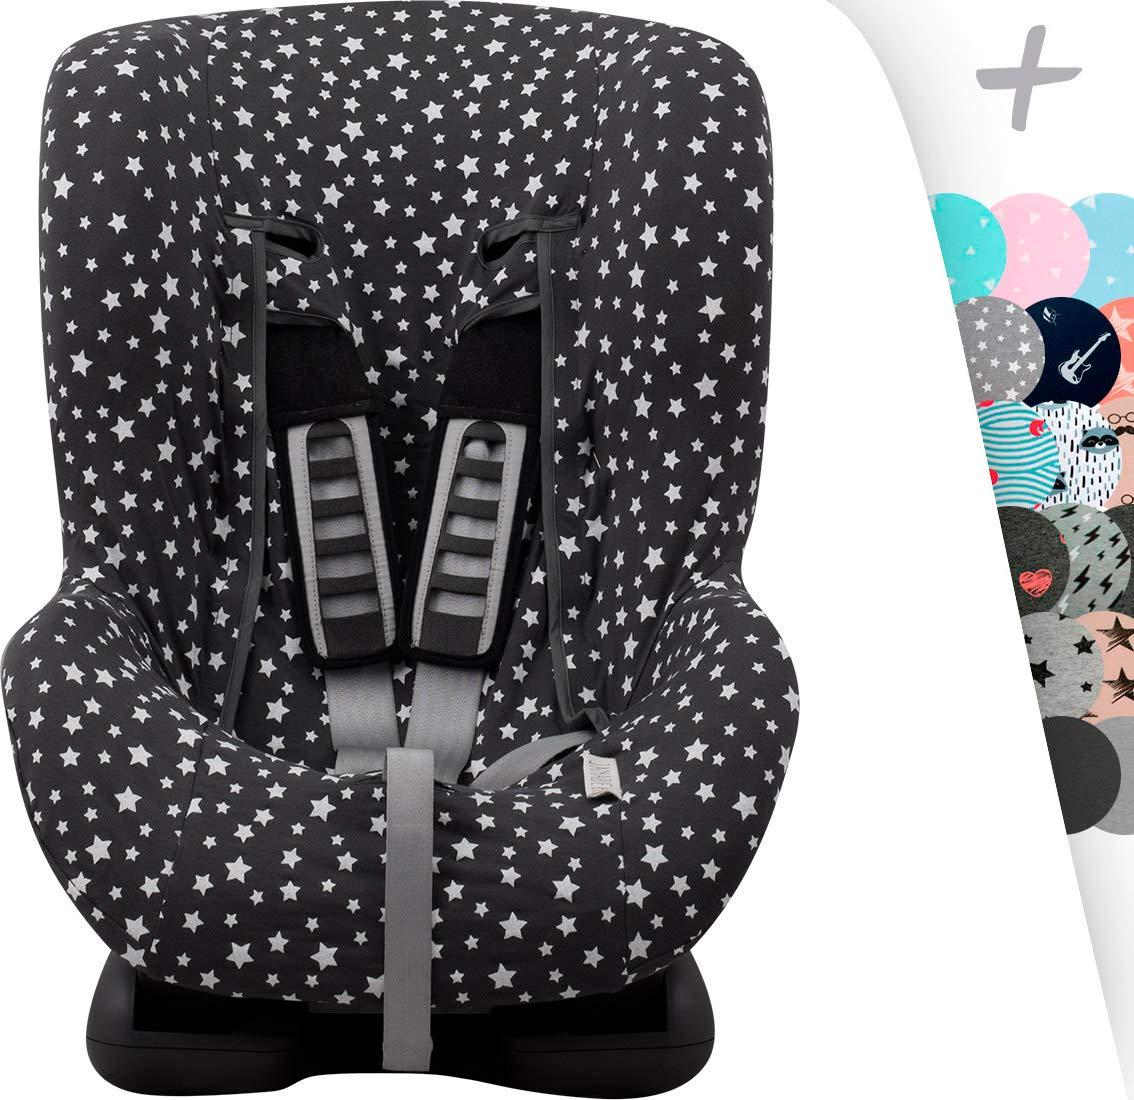 JANABEBE Funda universal para silla de coche grupo 1, 2 y 3 (WINTER SKY)